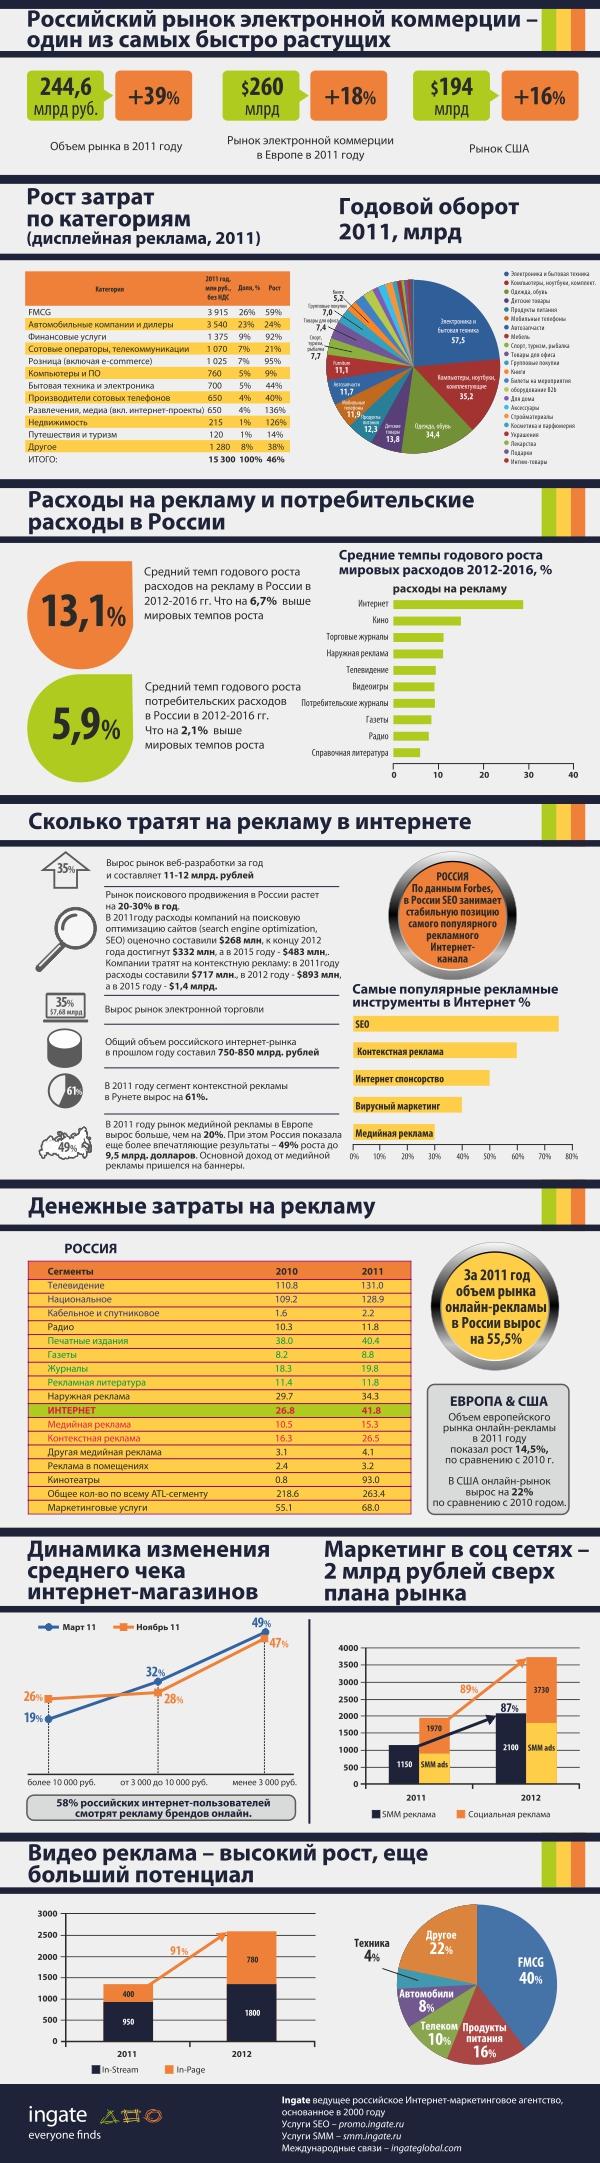 Рост рынка e-commerce в России